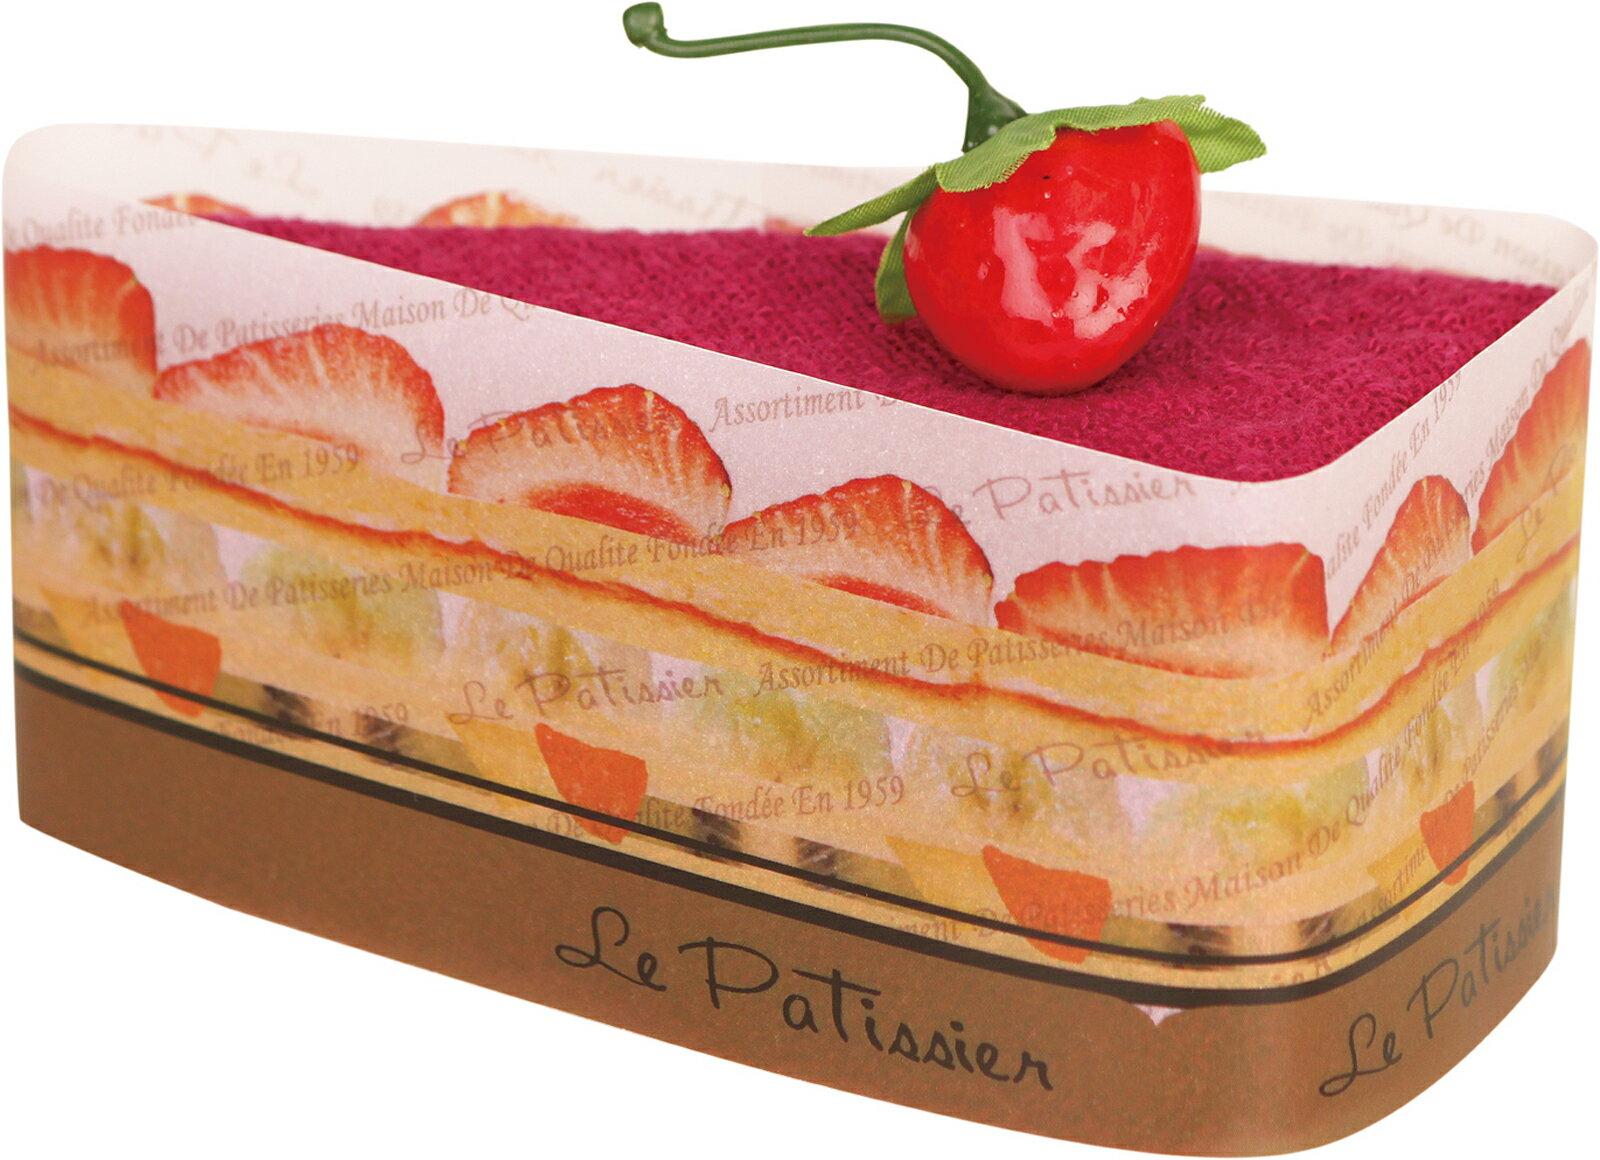 プレーリードッグ トライアングルケーキ クランベリー LPSR-7027【あす楽対応】【今治タオル】【ケーキタオル】【上質な肌触り】【日本製】【タオルギフト】【プチギフト】【簡易ラッピング済】 見た目に美味しく、貰って嬉しいタオルギフト。 PRAIRIE DOG